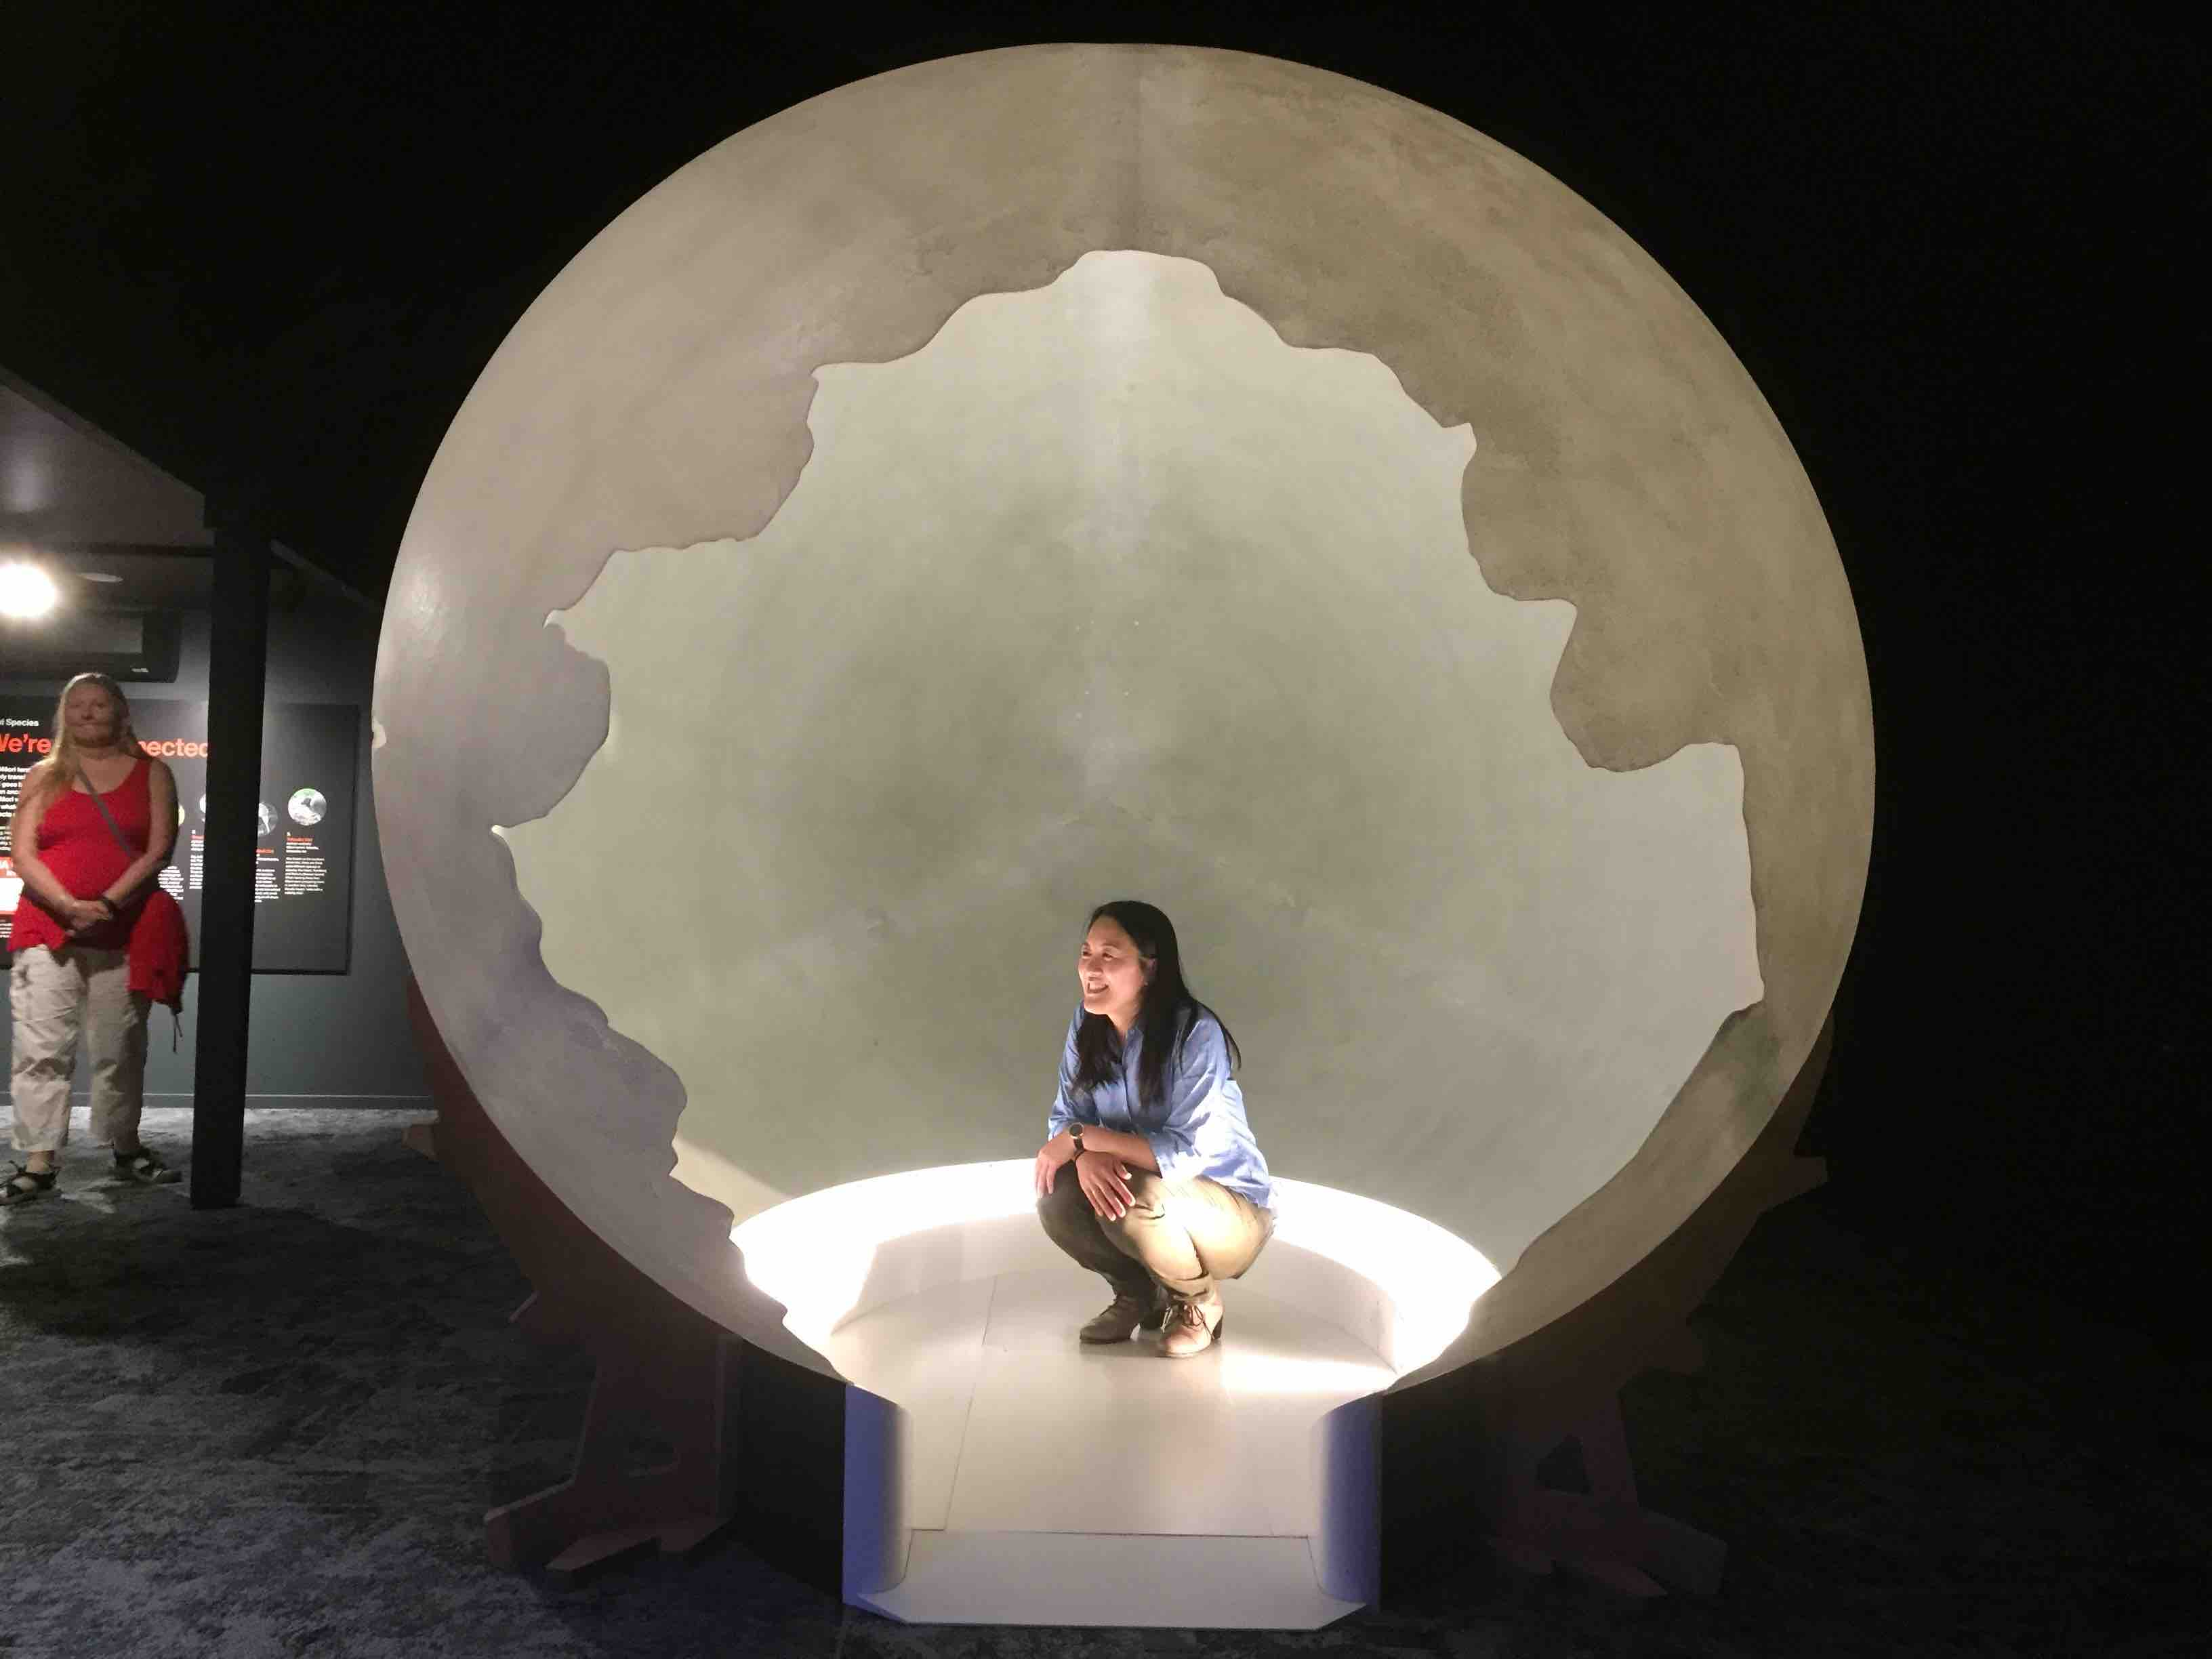 卵の形をした模型